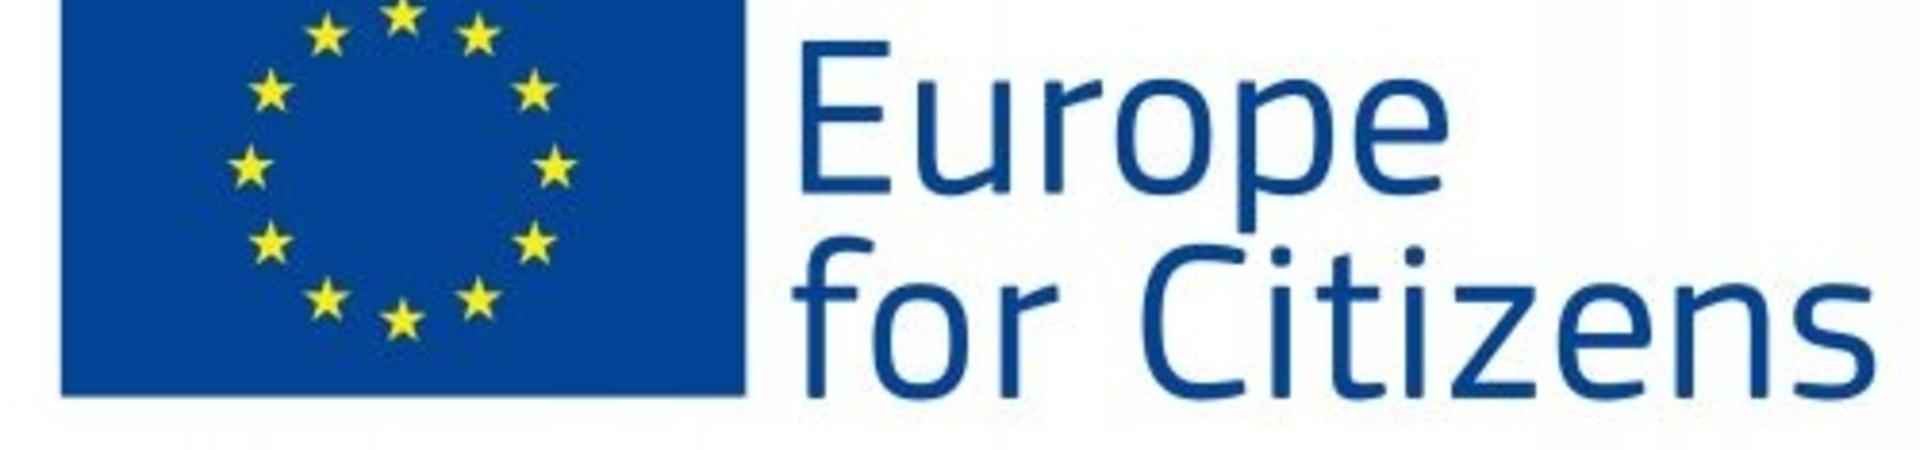 Pateikta paraiška Europos atminimo suvokimui gerinti